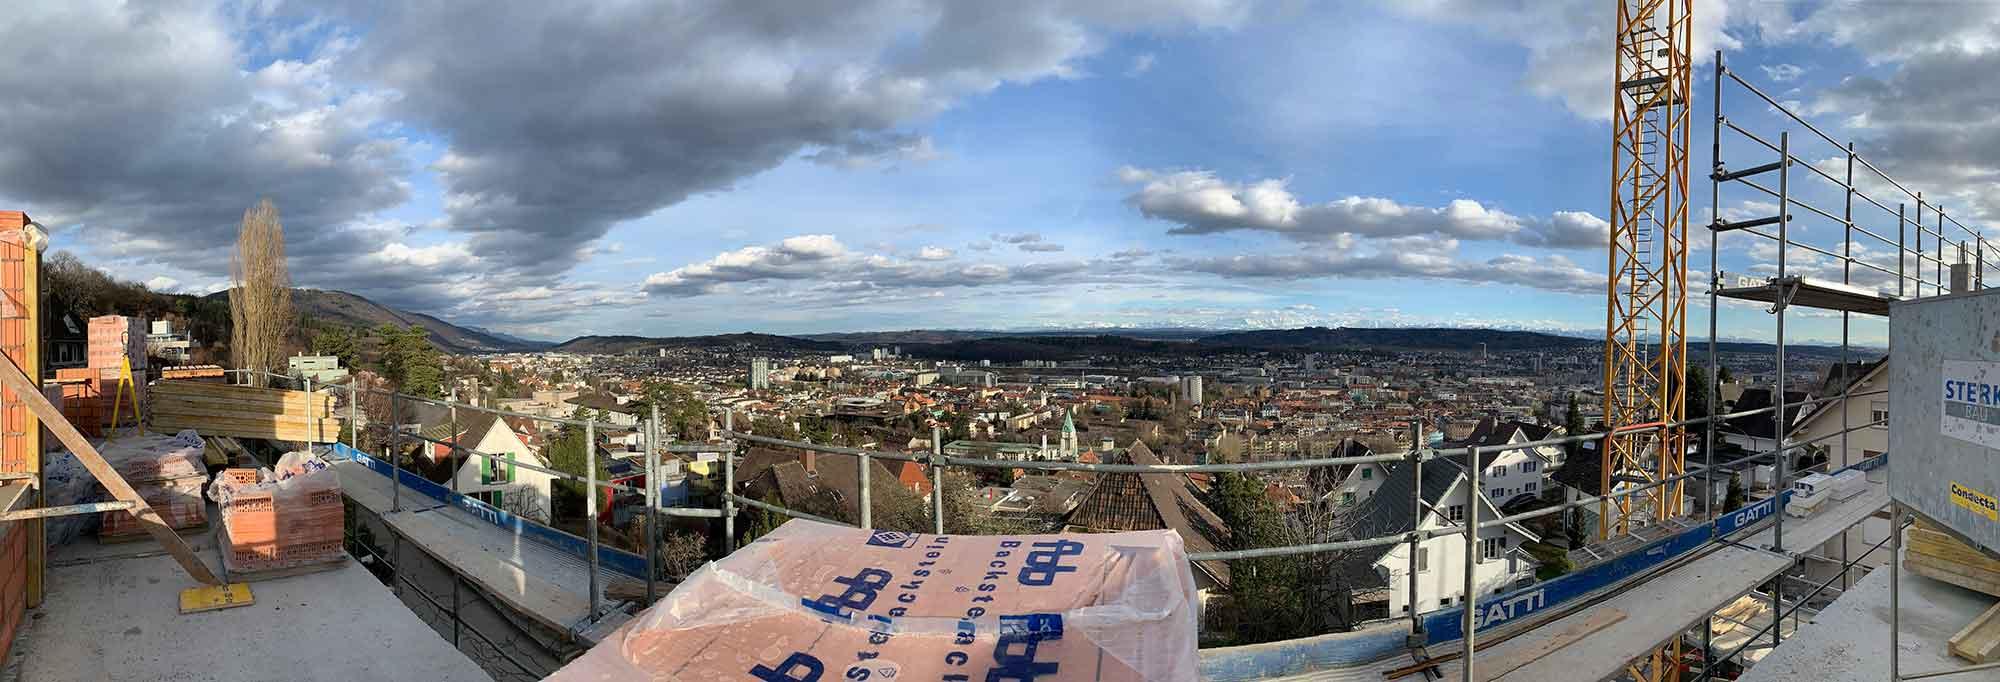 Bauplatz Aussicht Attika Neubau Mehrfamilienhaus im Eichhölzli Biel/Bienne